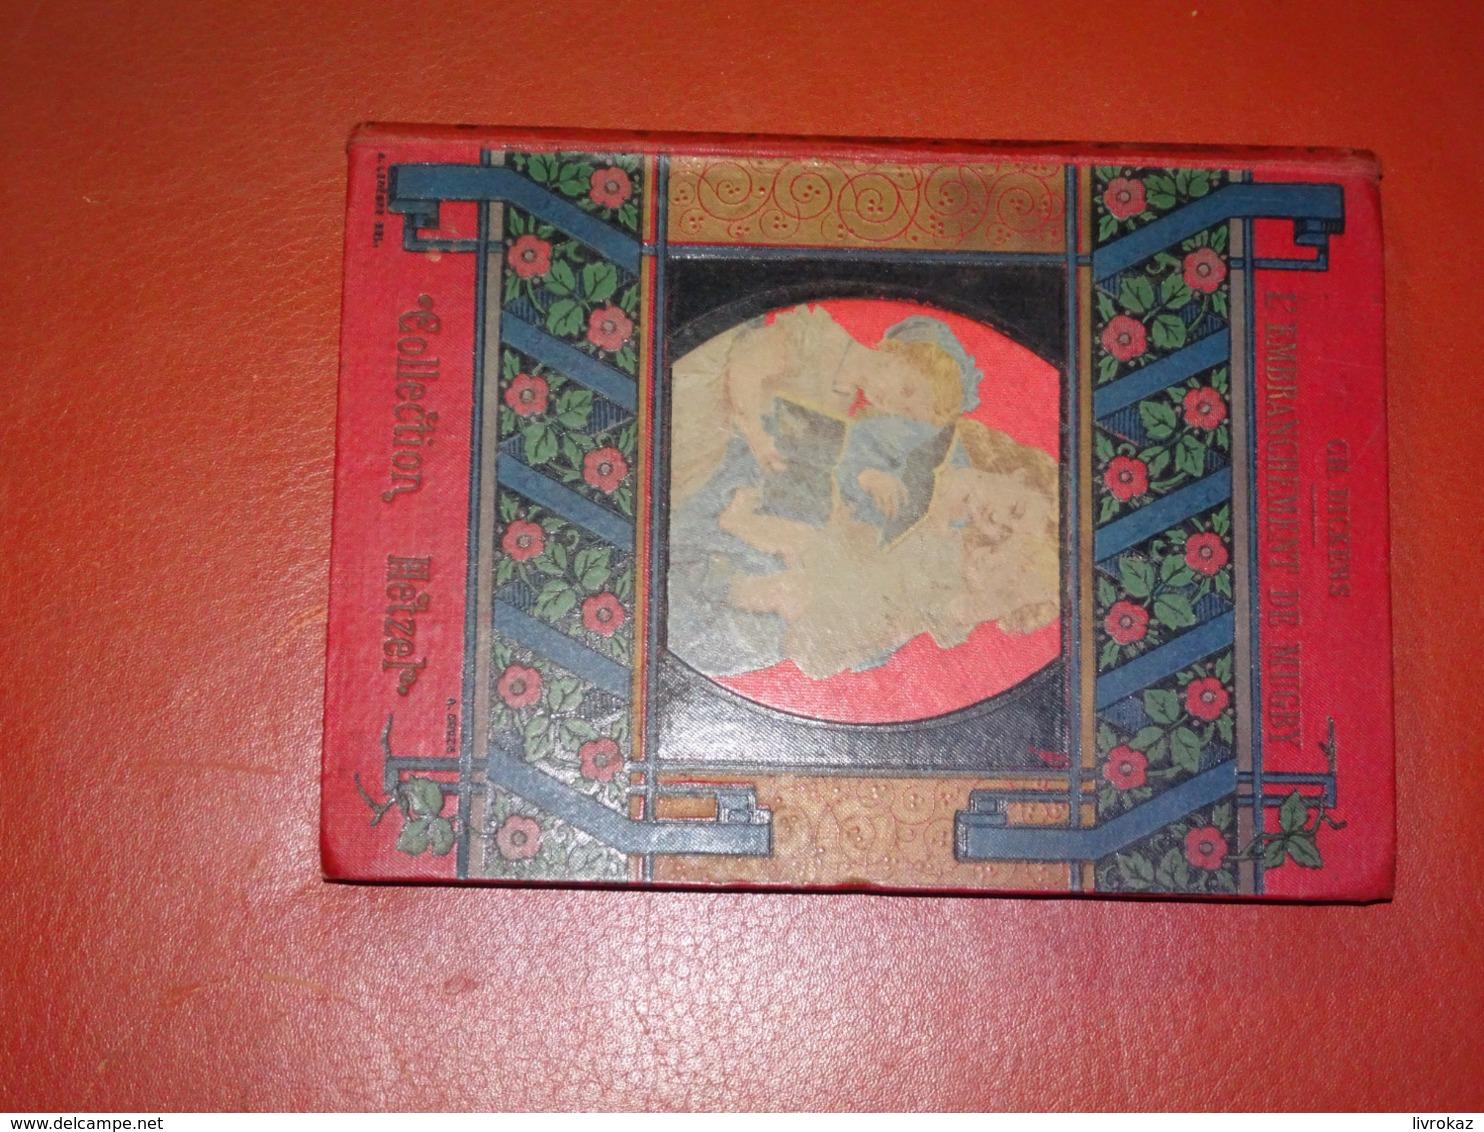 L'embranchement De Mugby Par Charles Dickens Petite Bibliothèque Blanche Education Et Récréation Edition J. Hetzel - Libri, Riviste, Fumetti